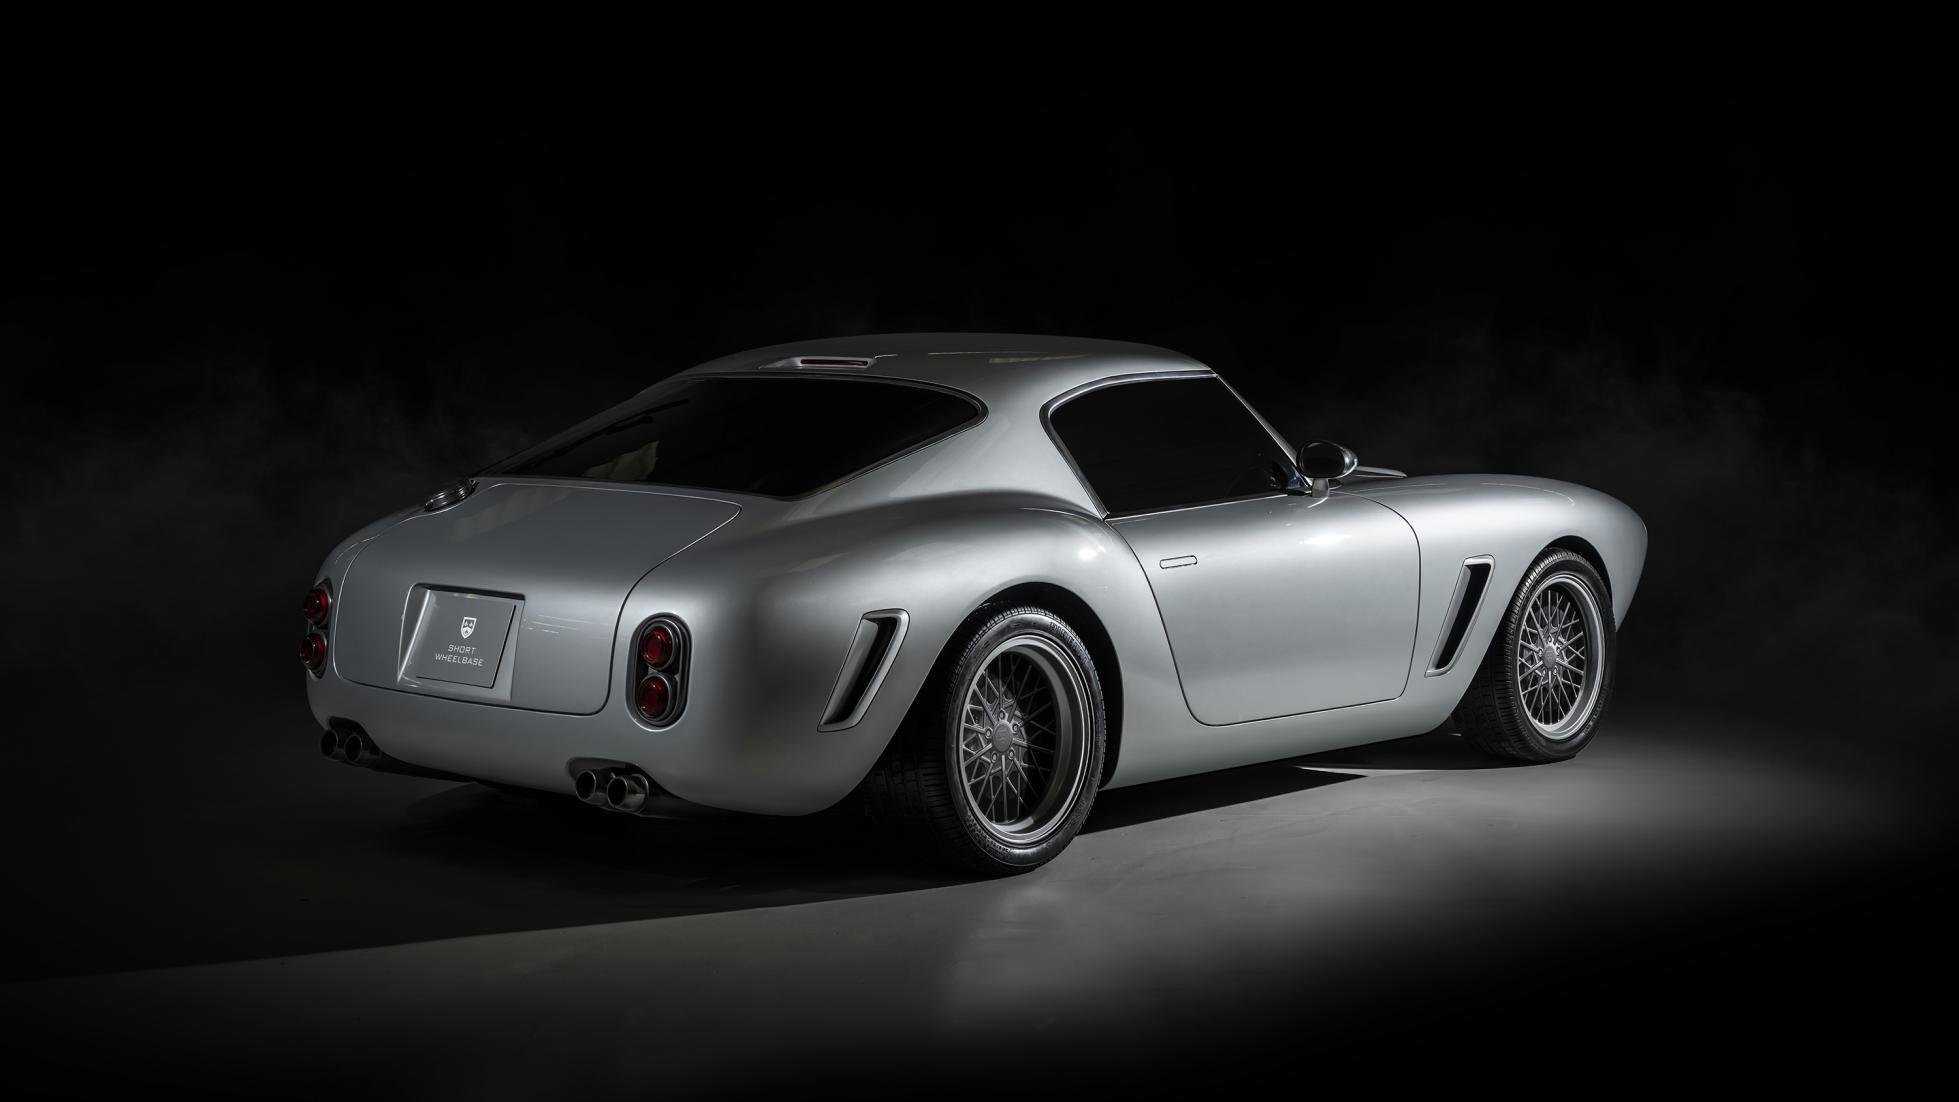 RML Short Wheelbase будет немного длиннее, шире и тяжелее оригинального Ferrari 250 GT SWB